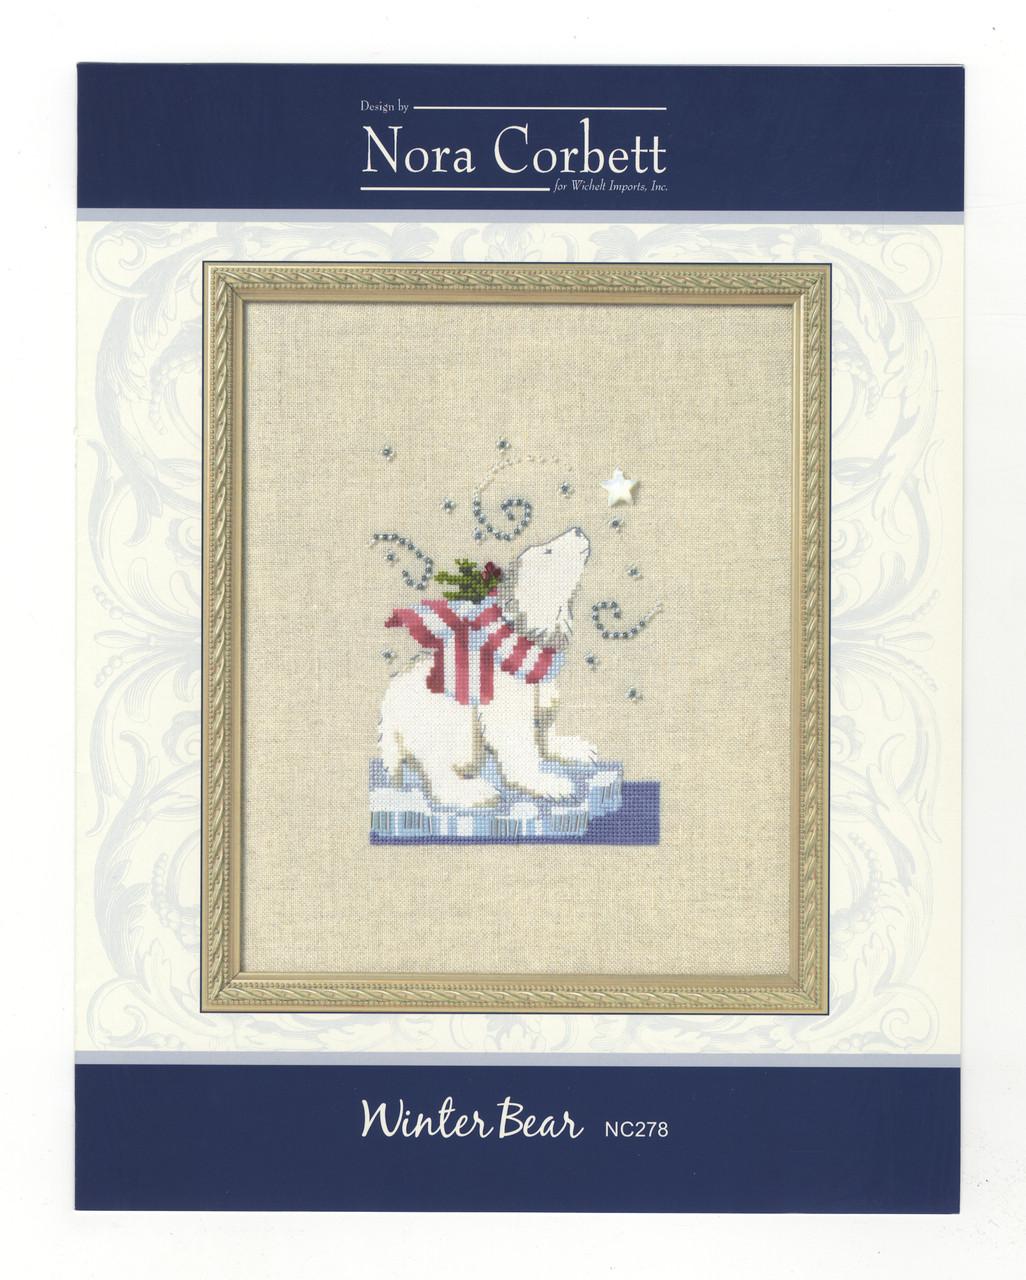 Nora Corbett - Winter Bear